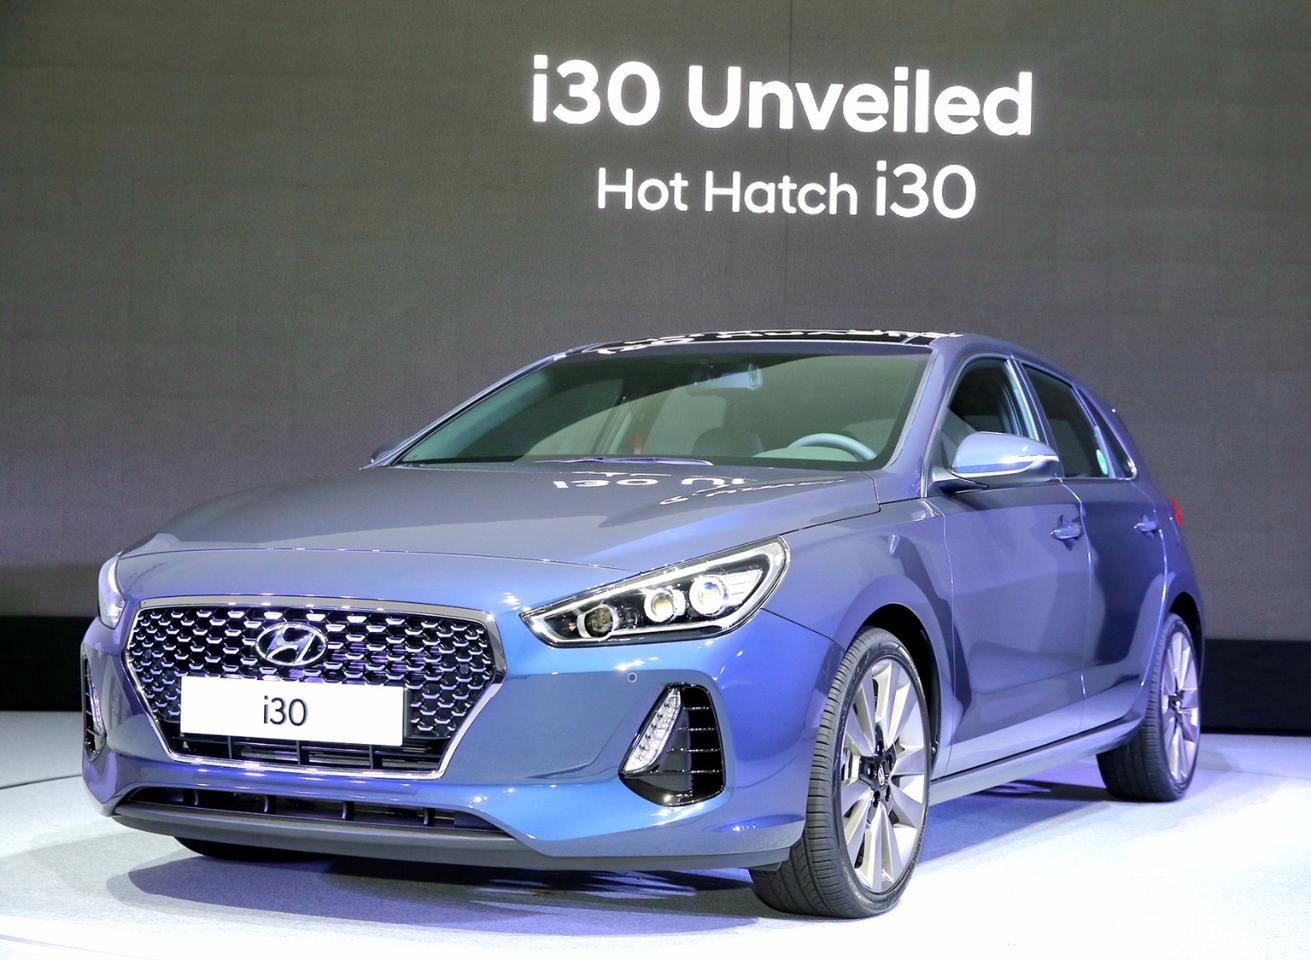 The new Hyundai i30 at its launch